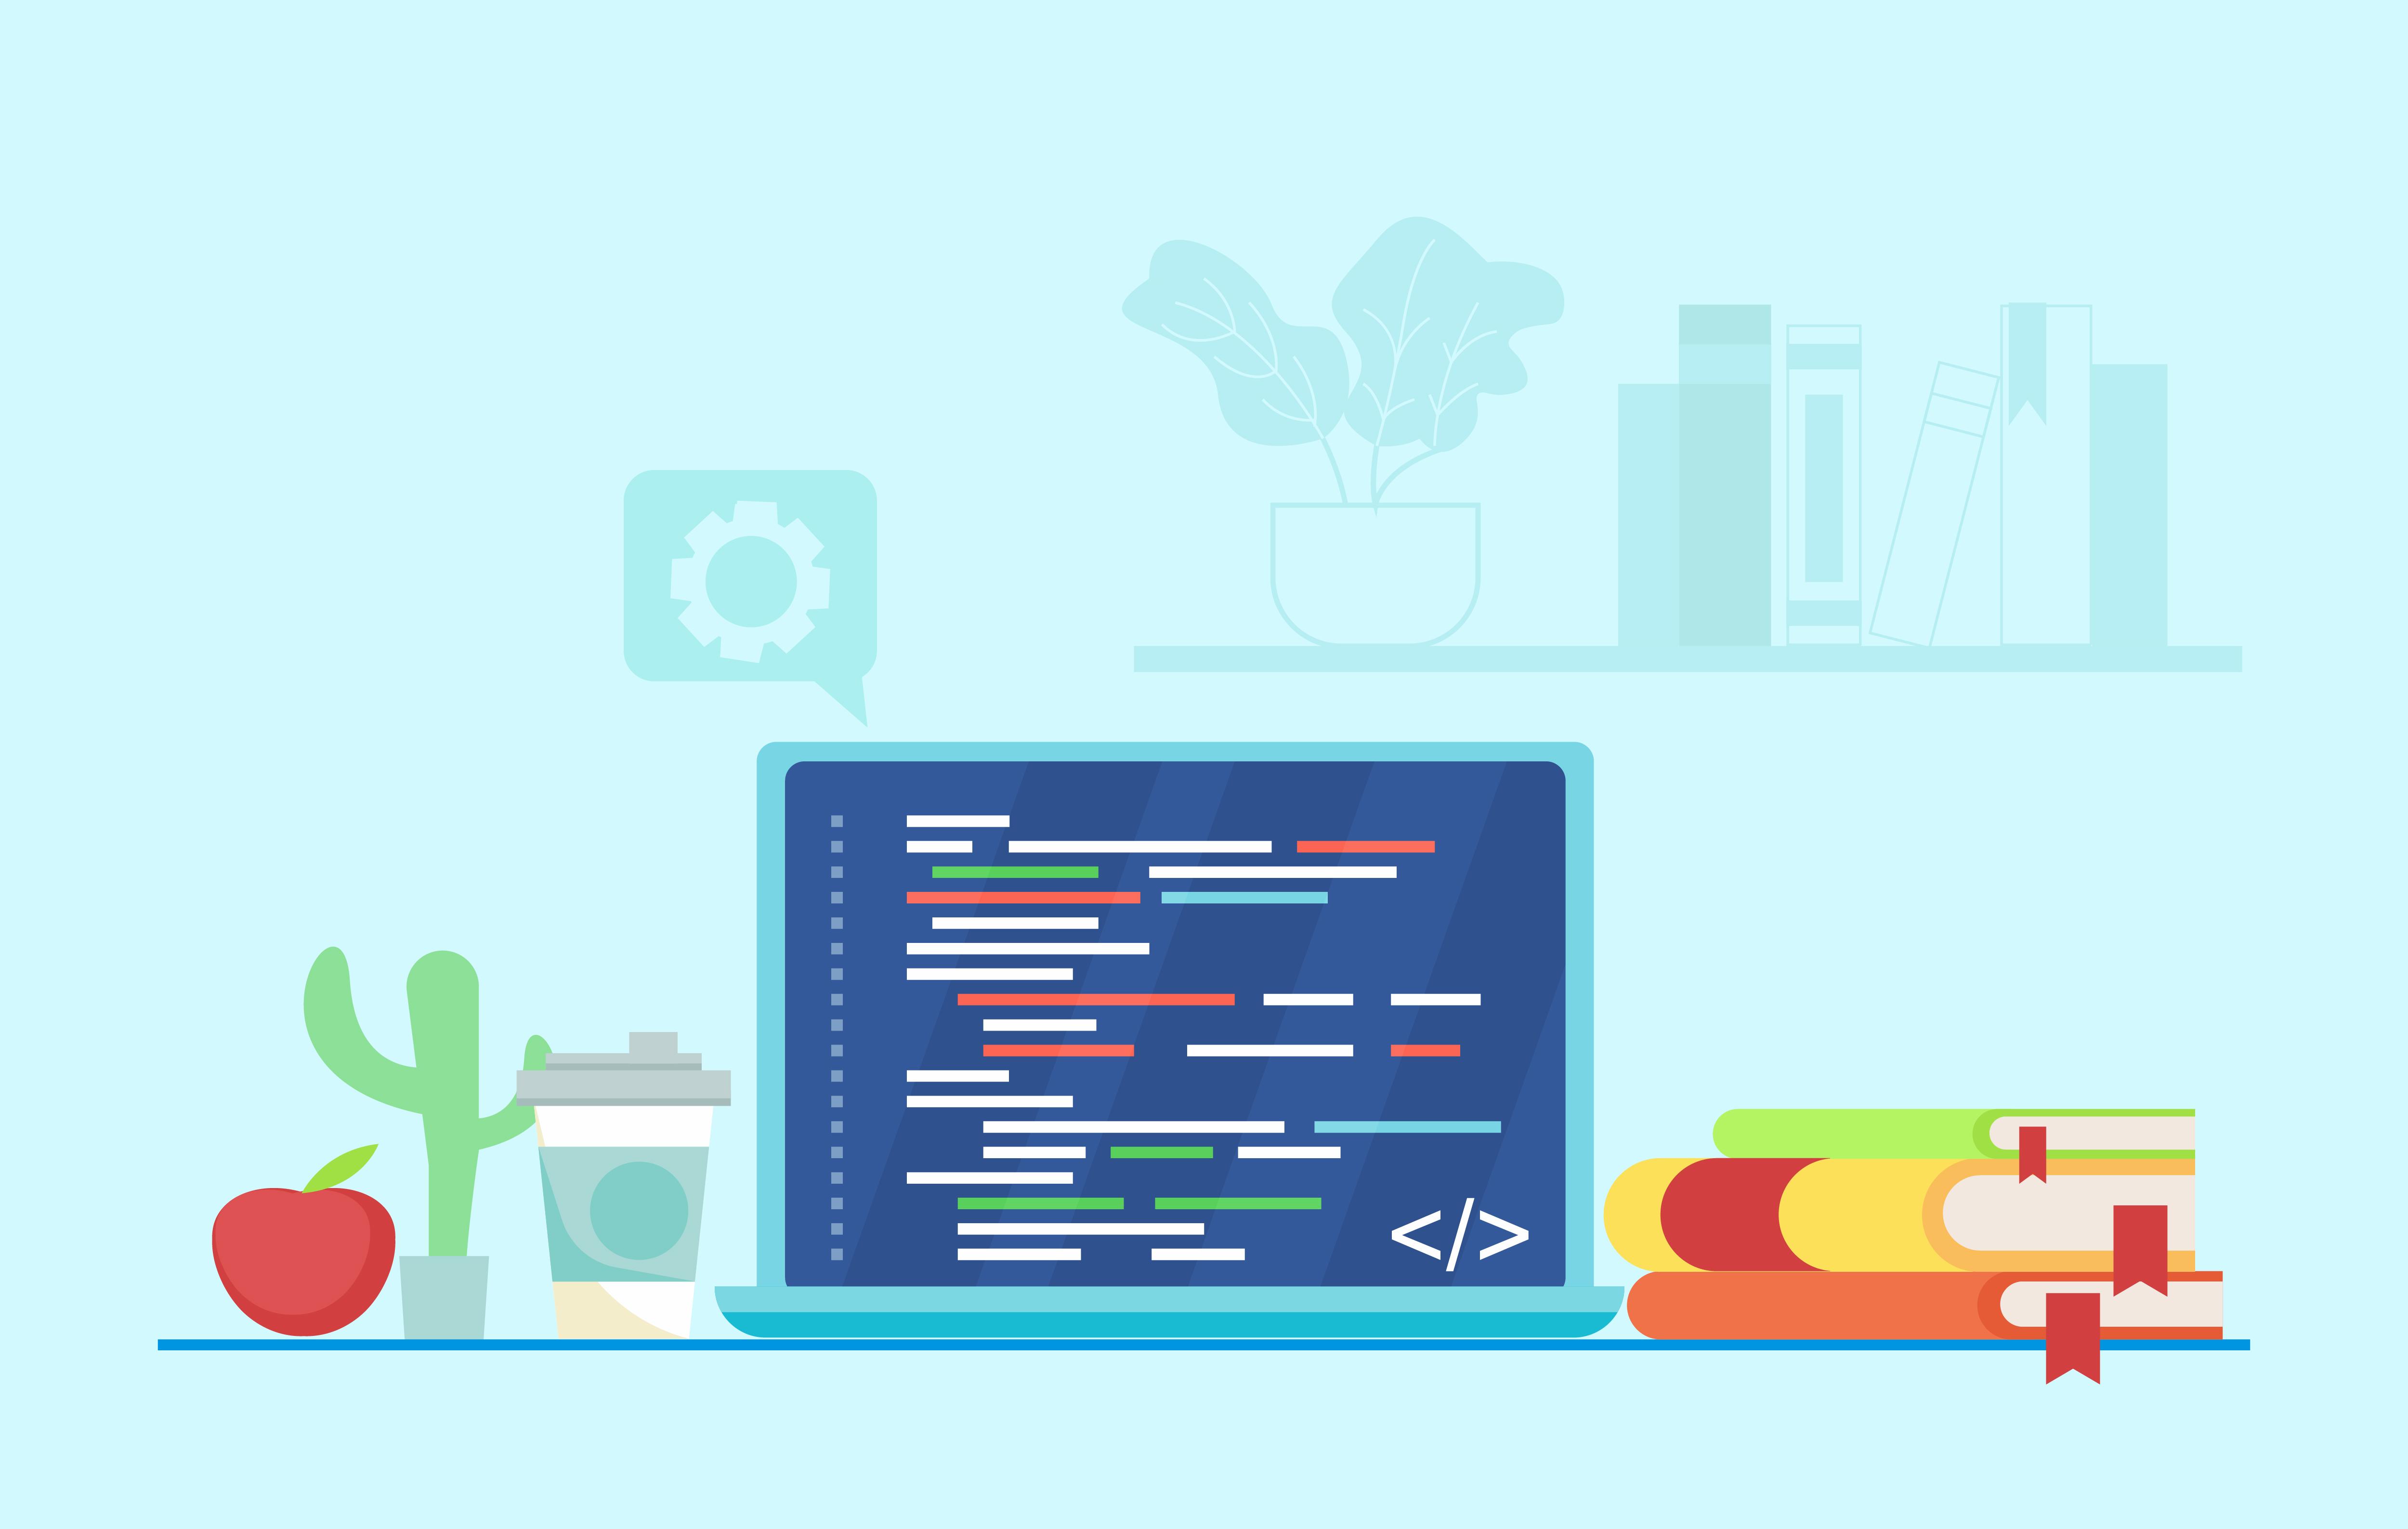 ۱۰ ابزار که توسعهدهندگان جاوا باید در سال ۲۰۱۹ یاد بگیرند